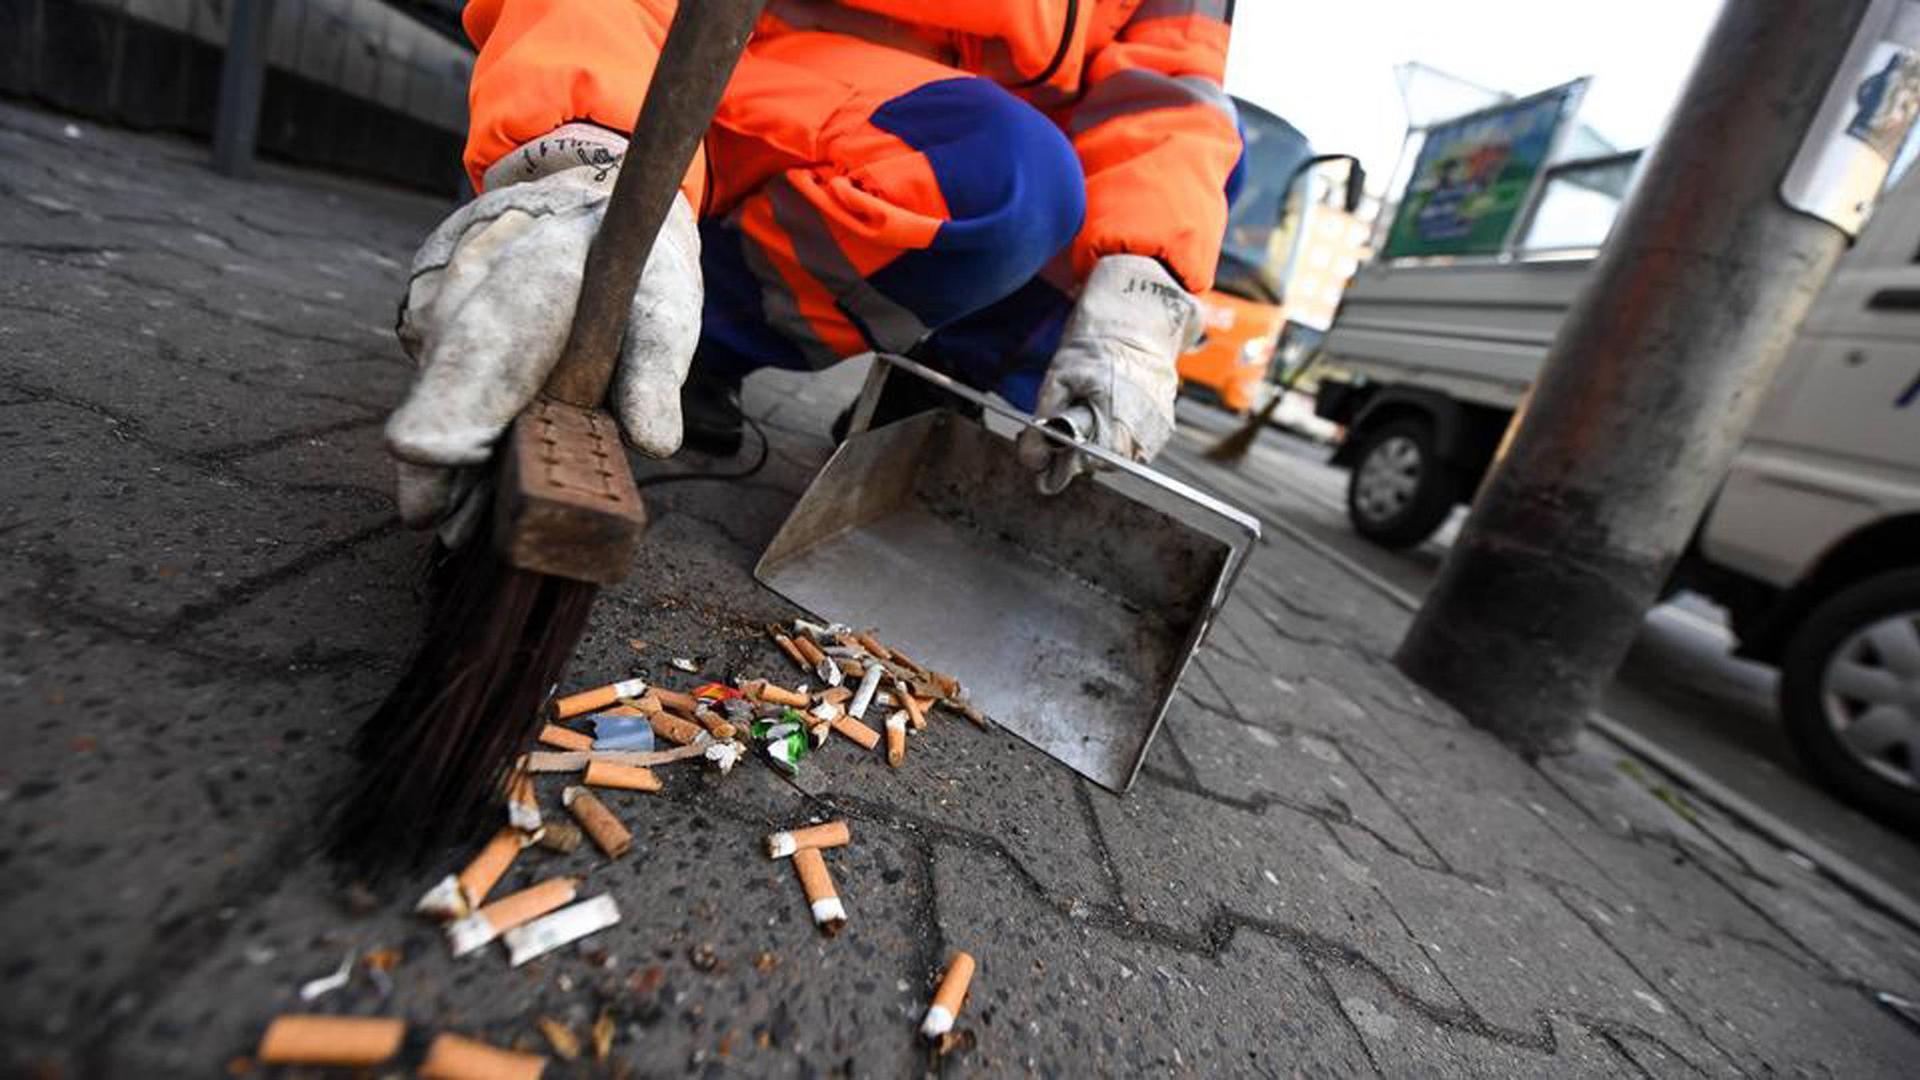 Das Wegwerfen von Zigarettenkippen und anderem Müll soll in Rastatt künftig mit höheren Strafen belegt werden.